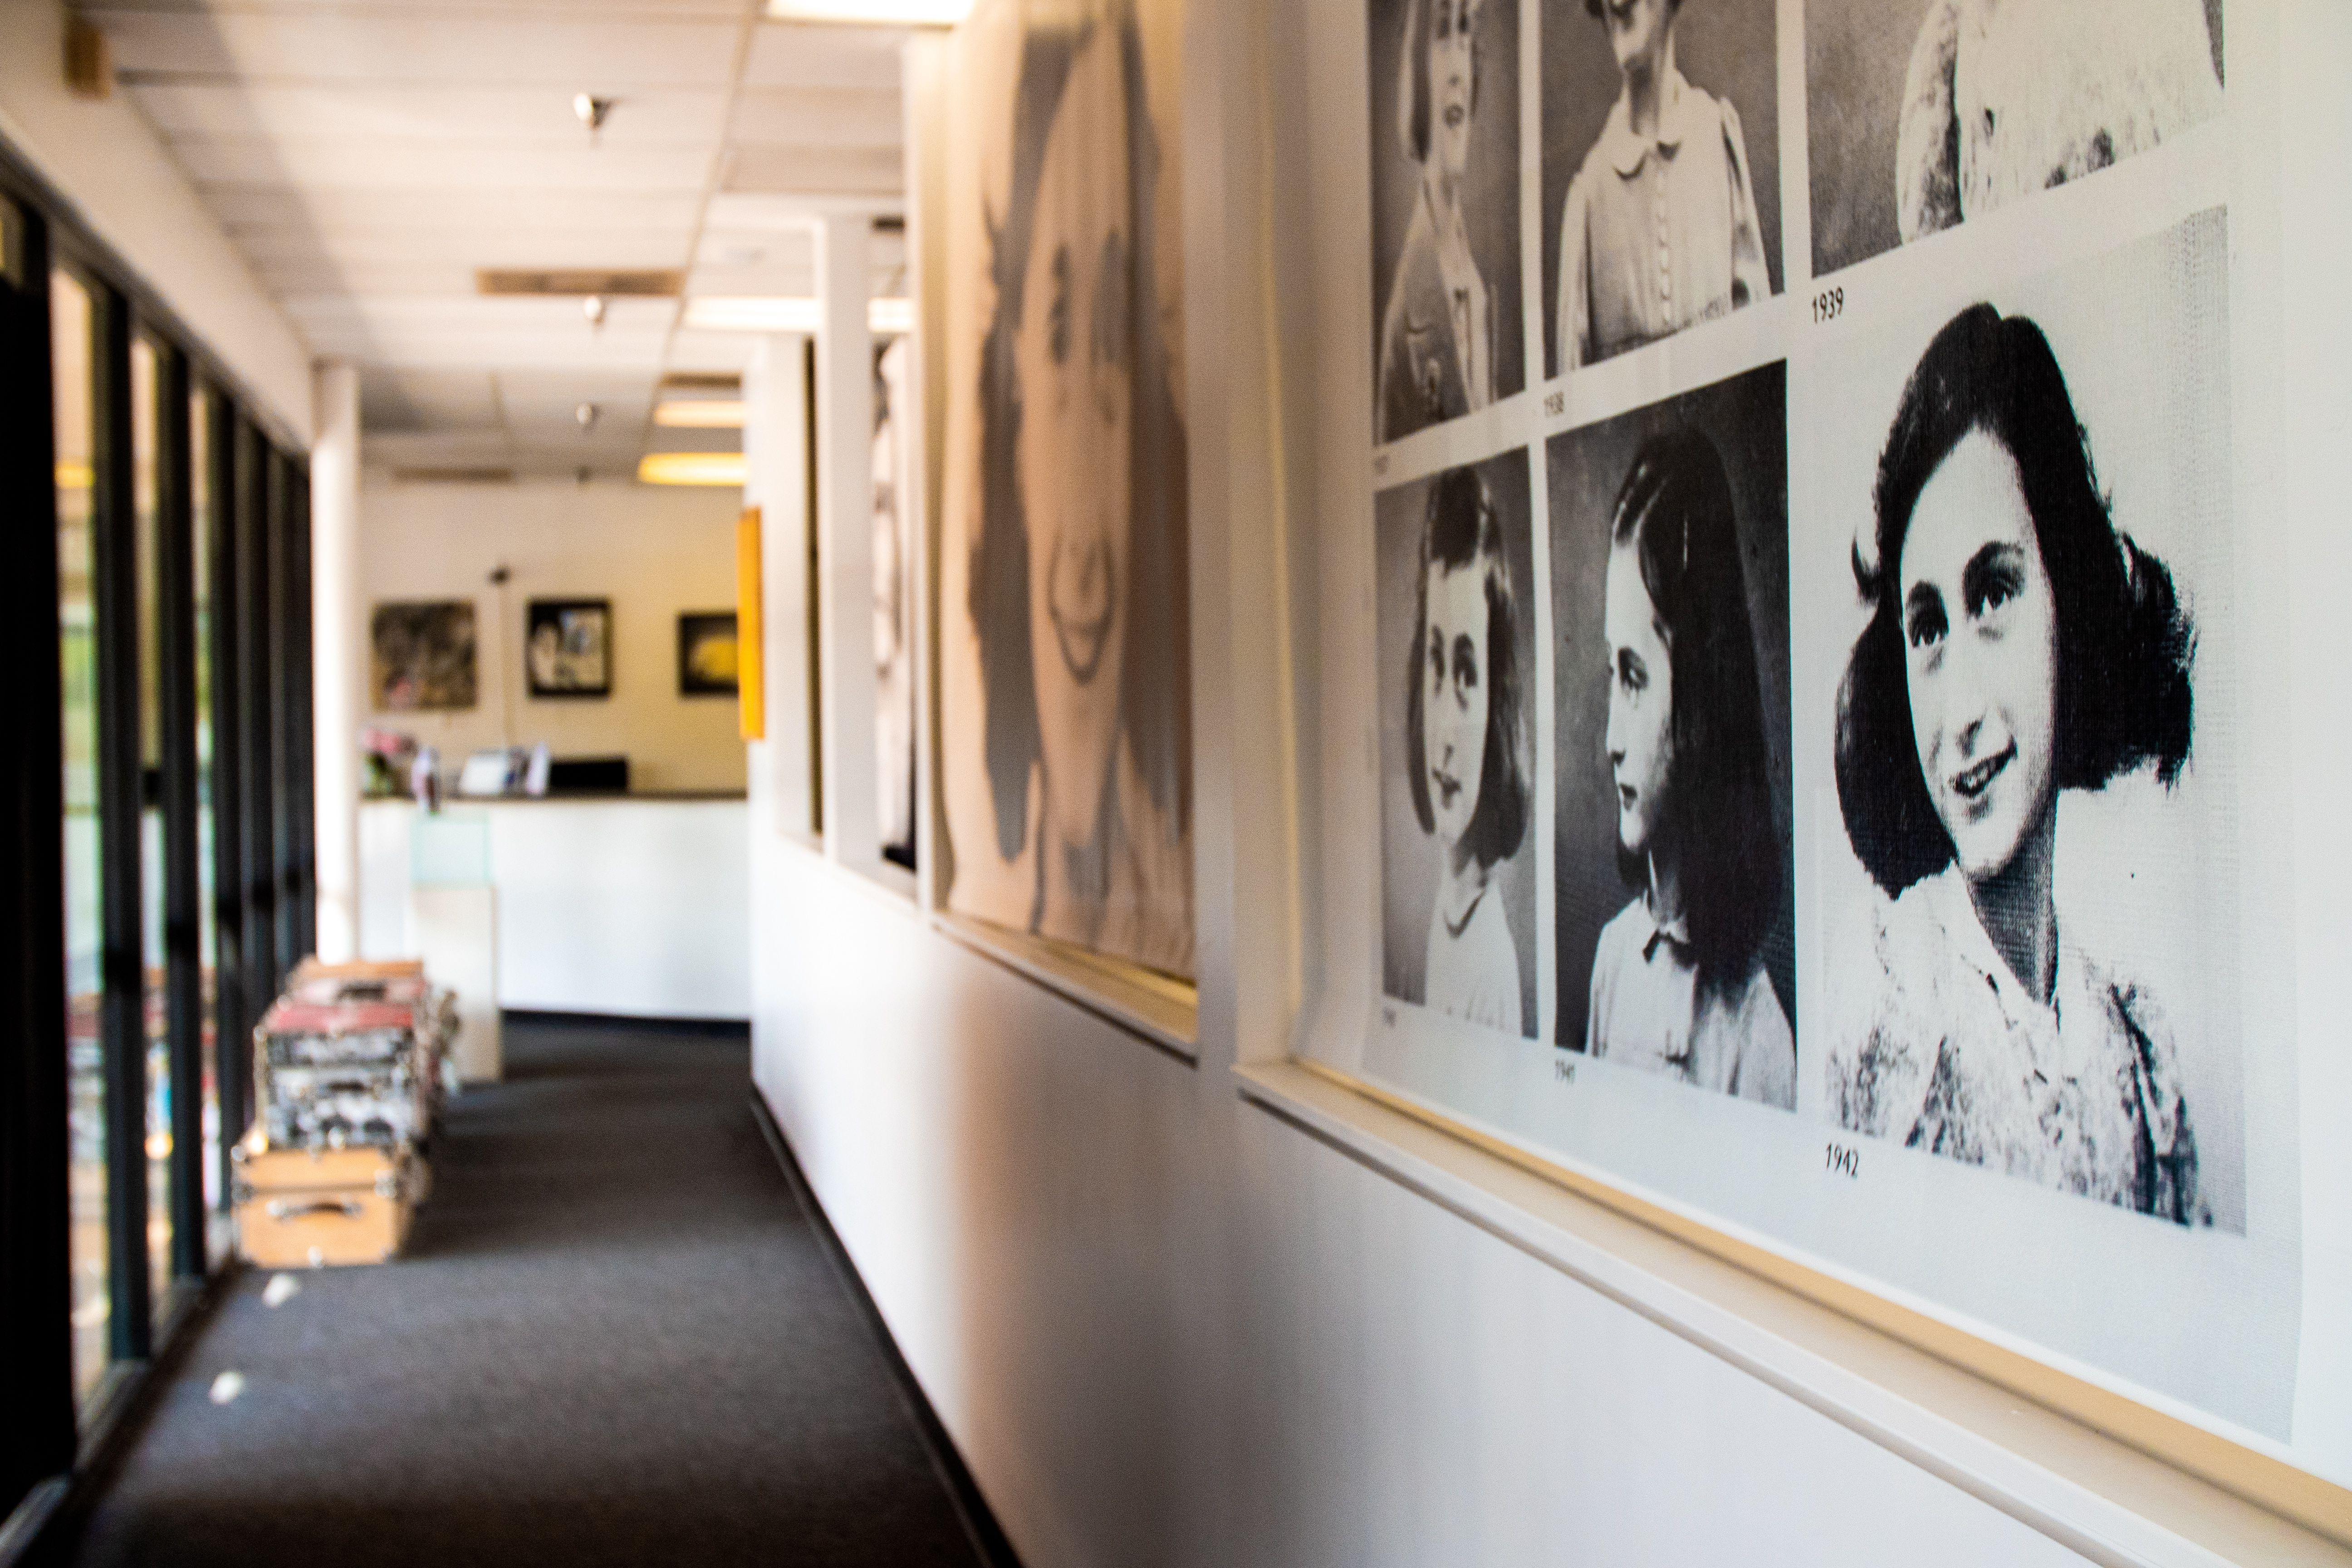 Retratos de anne frank colgados en una pared